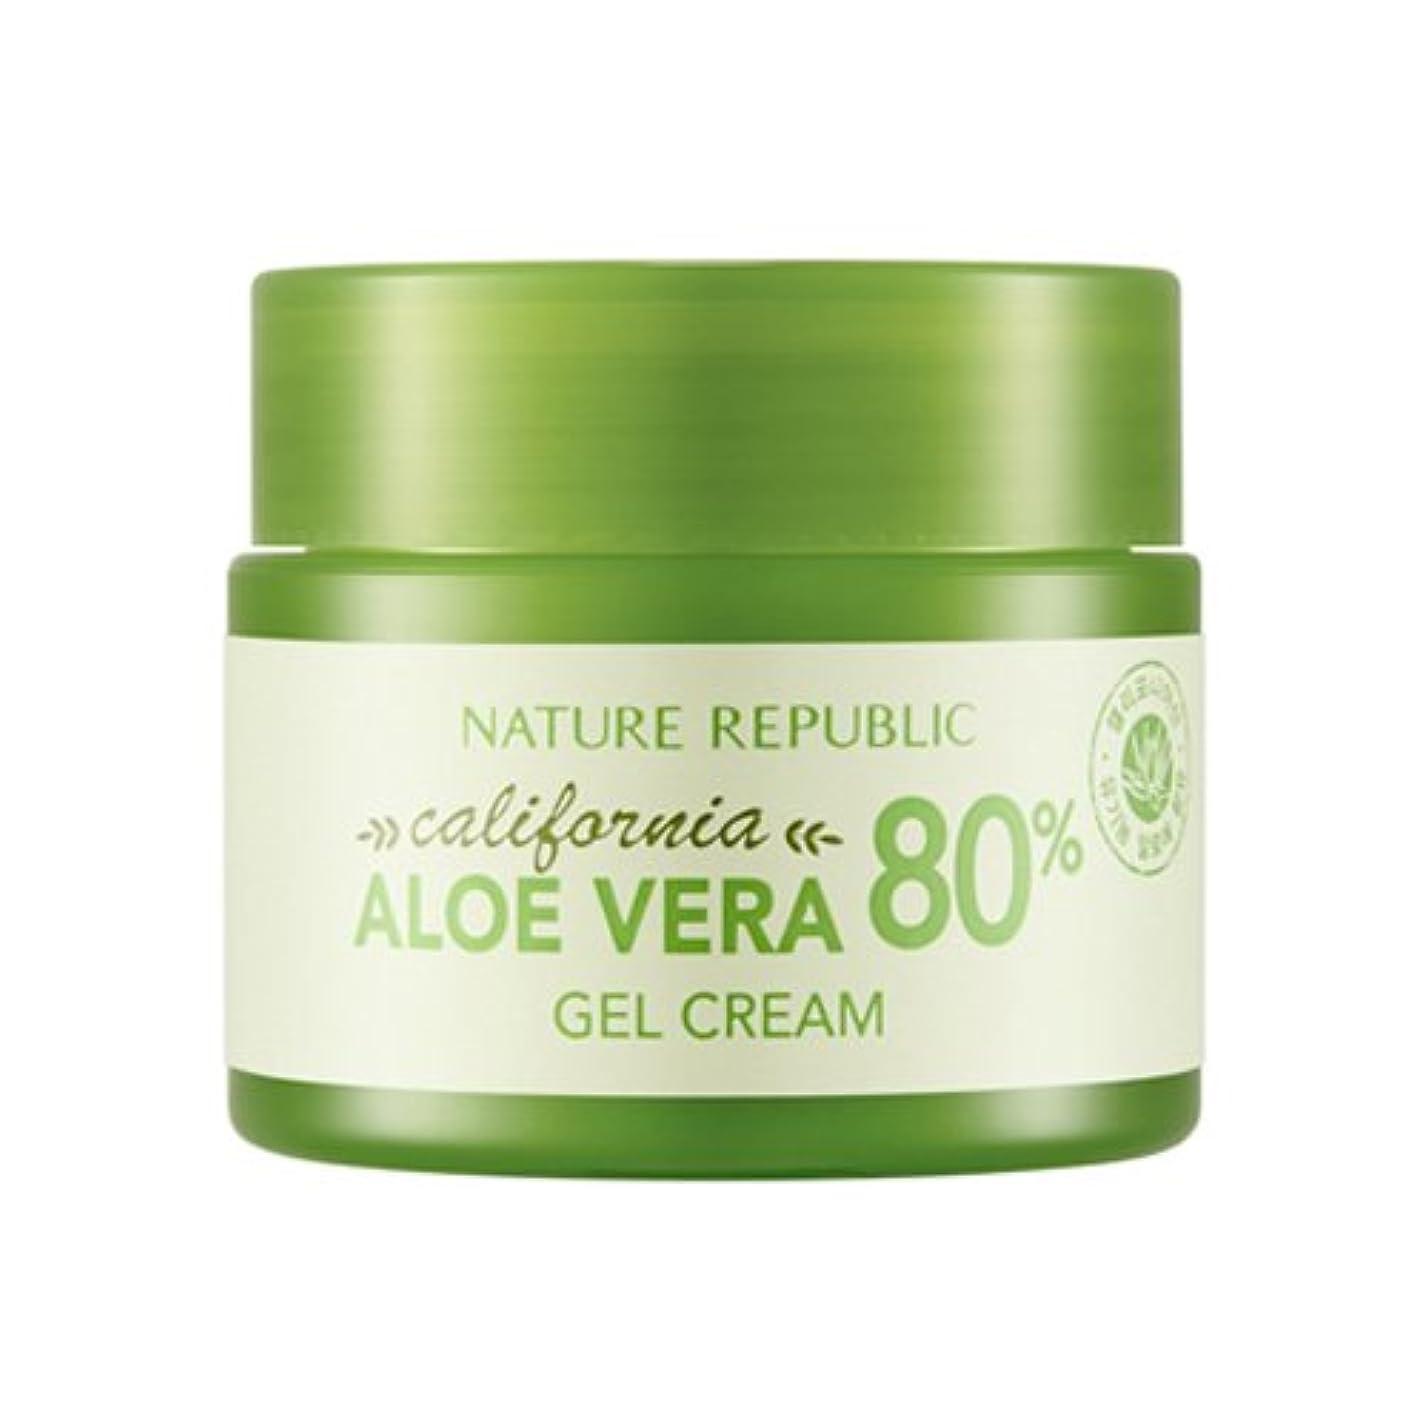 フィールド開示する許可[ネイチャーリパブリック] Nature Republic カリフォルニアアロエベラ80%のゲルクリーム California Aloe Vera 80% Gel Cream [並行輸入品]